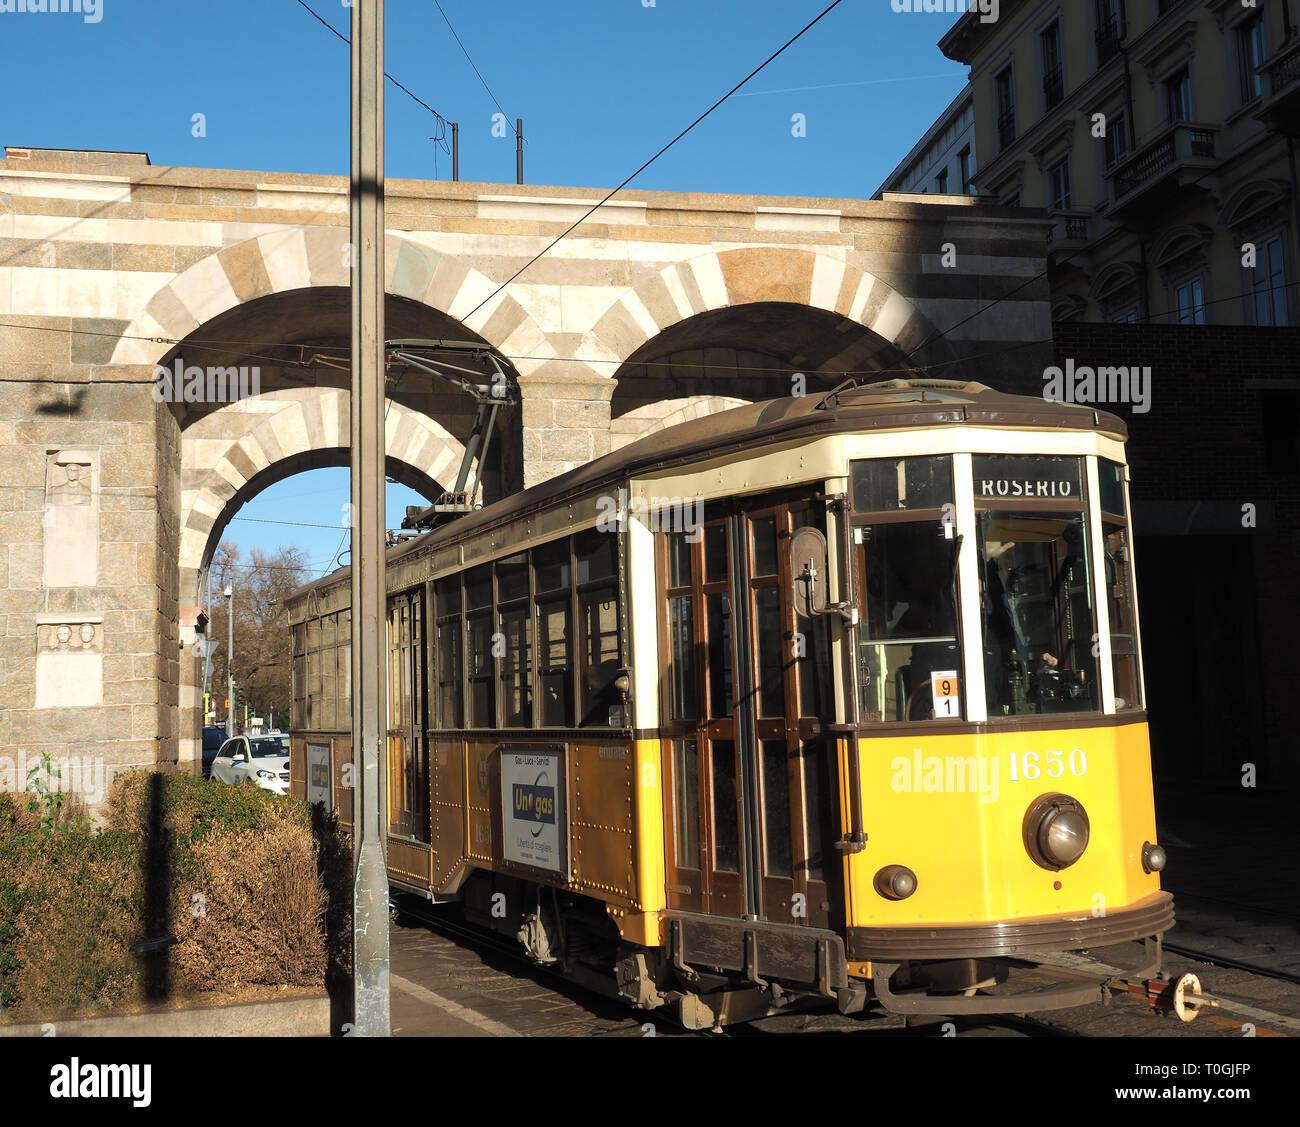 Europe, Italy, Lombardy, Milan, Porta Nuova - Stock Image